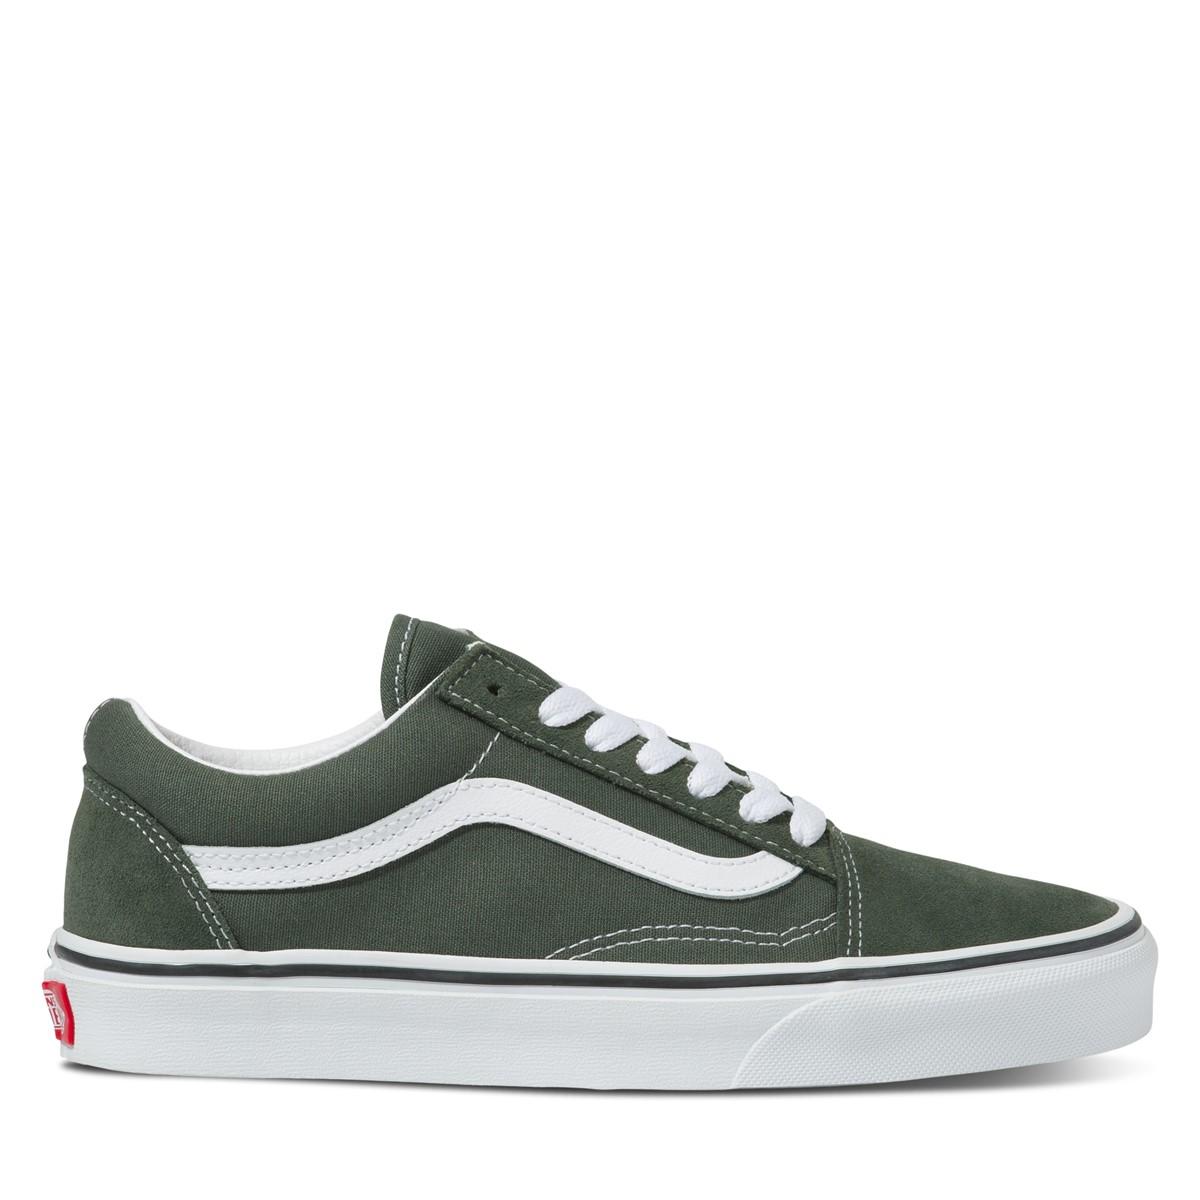 Old Skool Sneakers in Dark Green